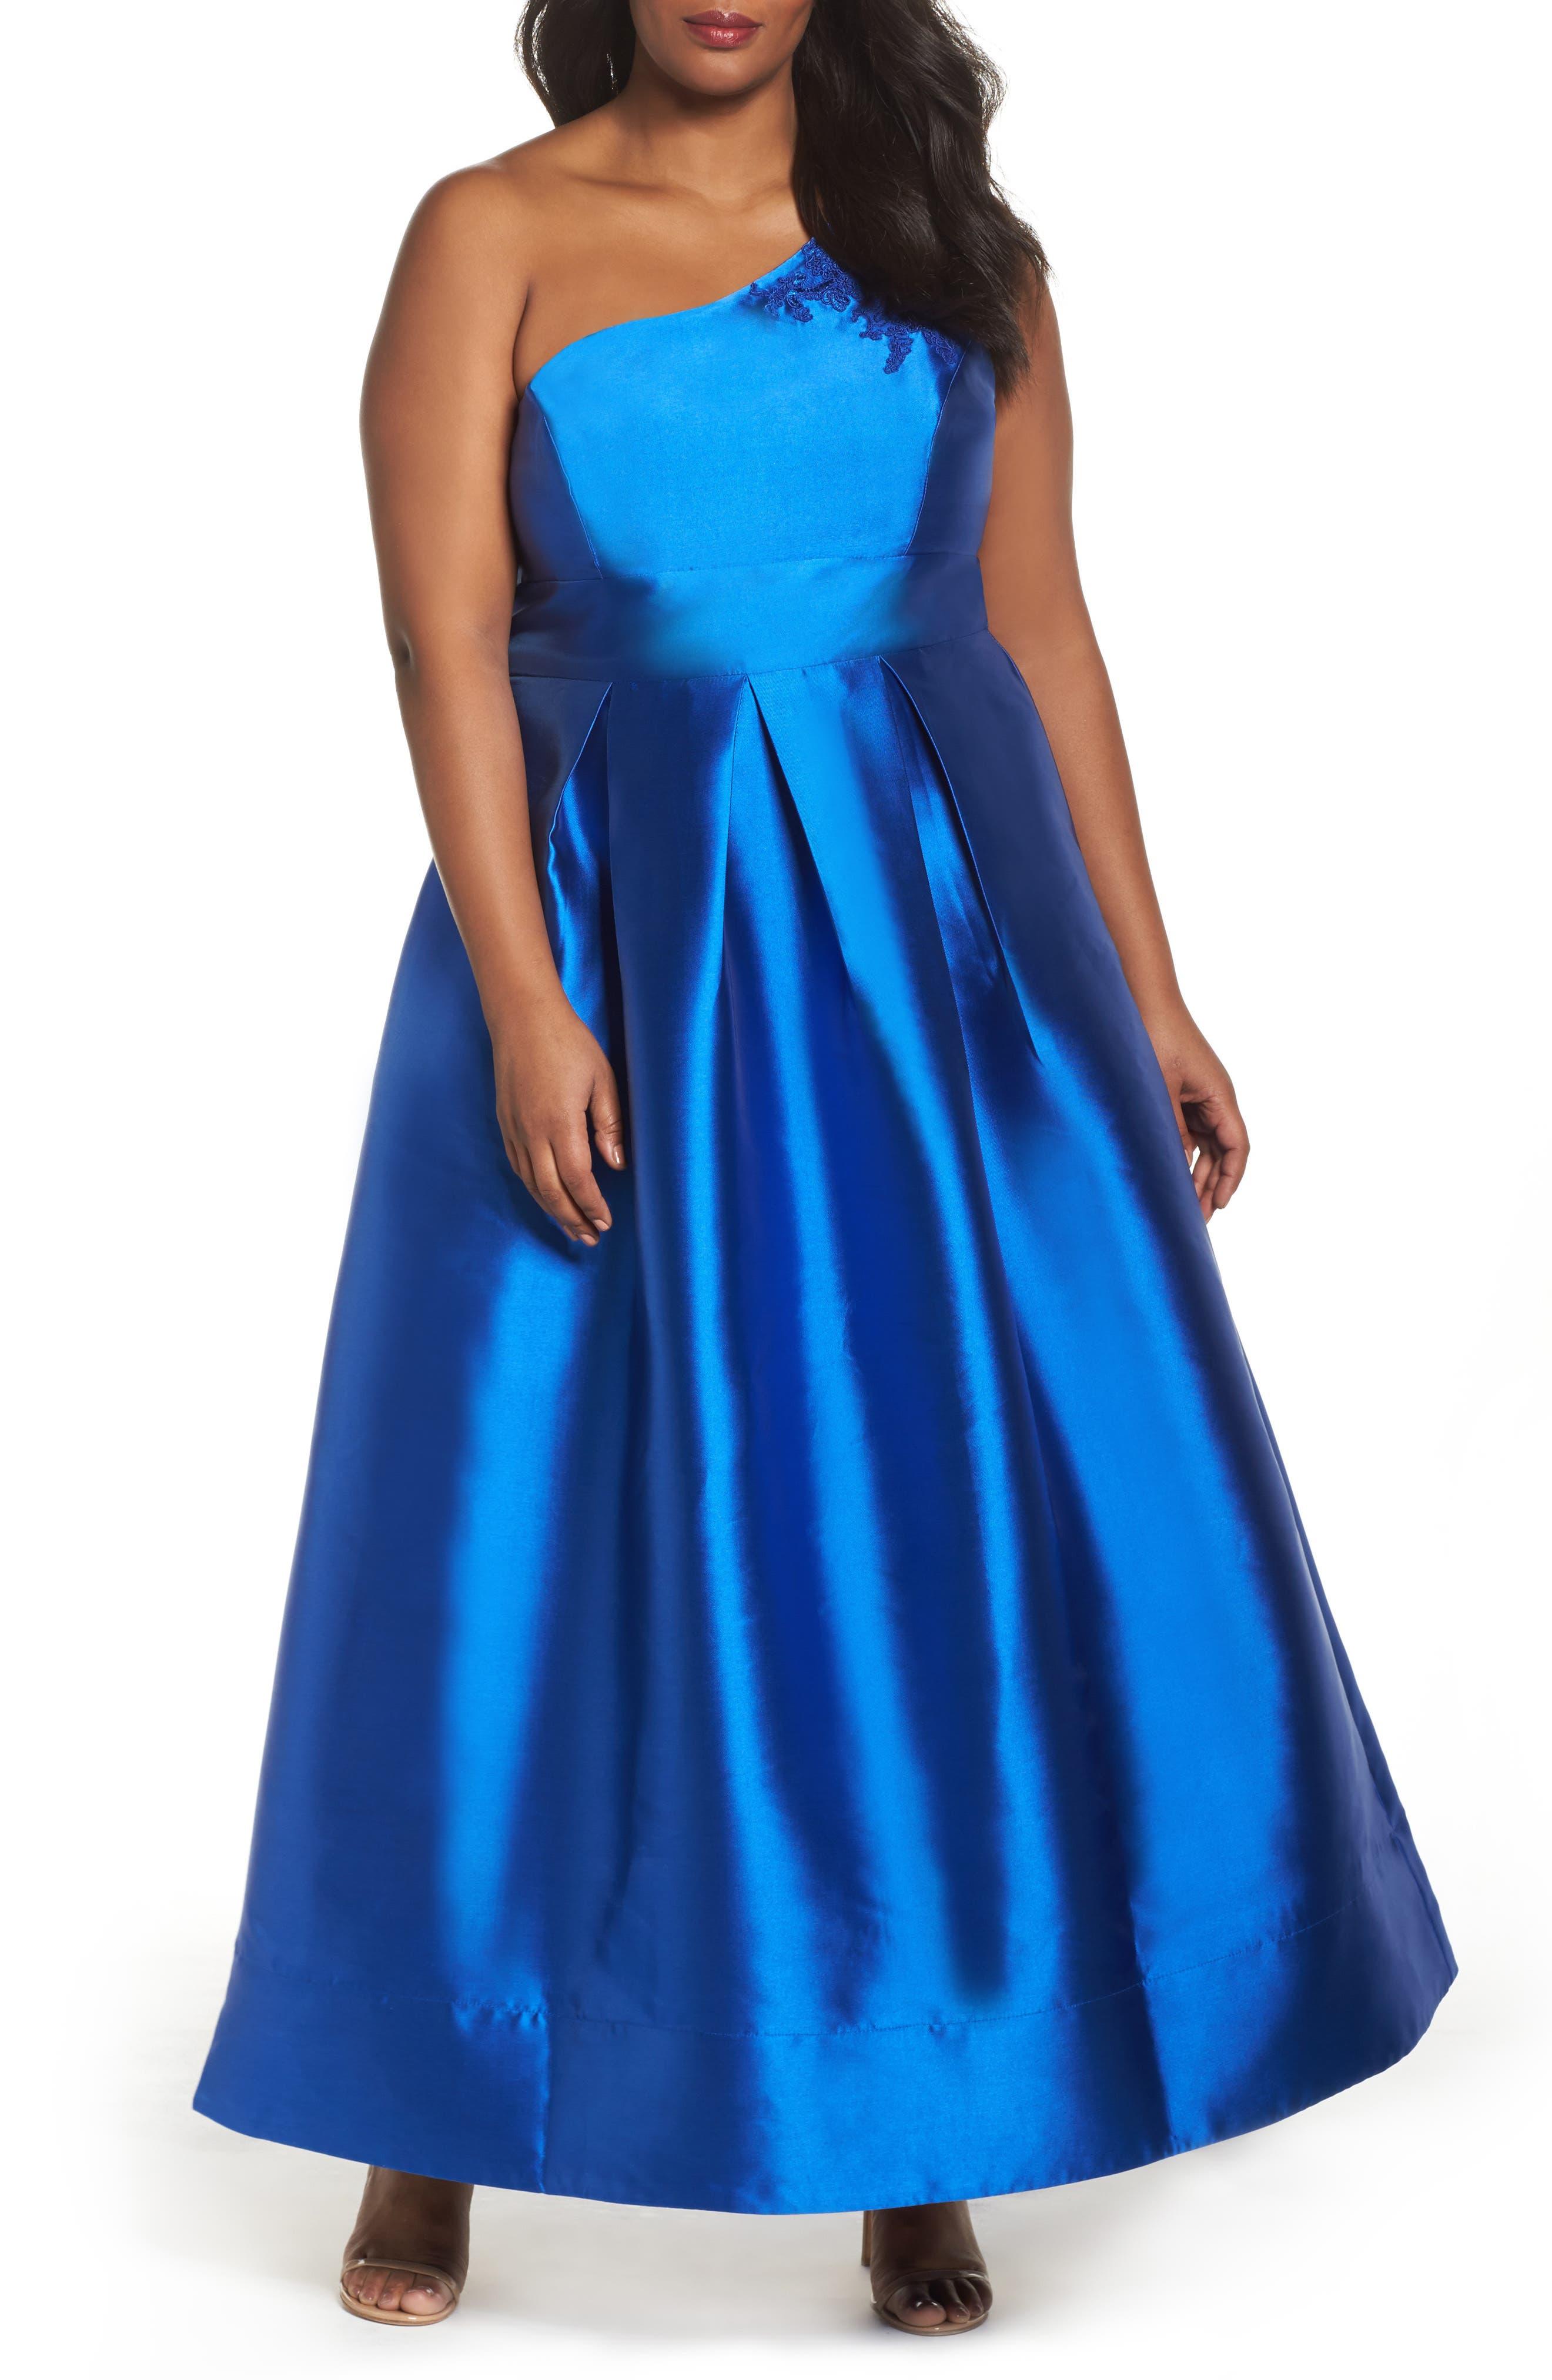 Main Image - Sangria Appliquéd One Shoulder Ballgown (Plus Size)